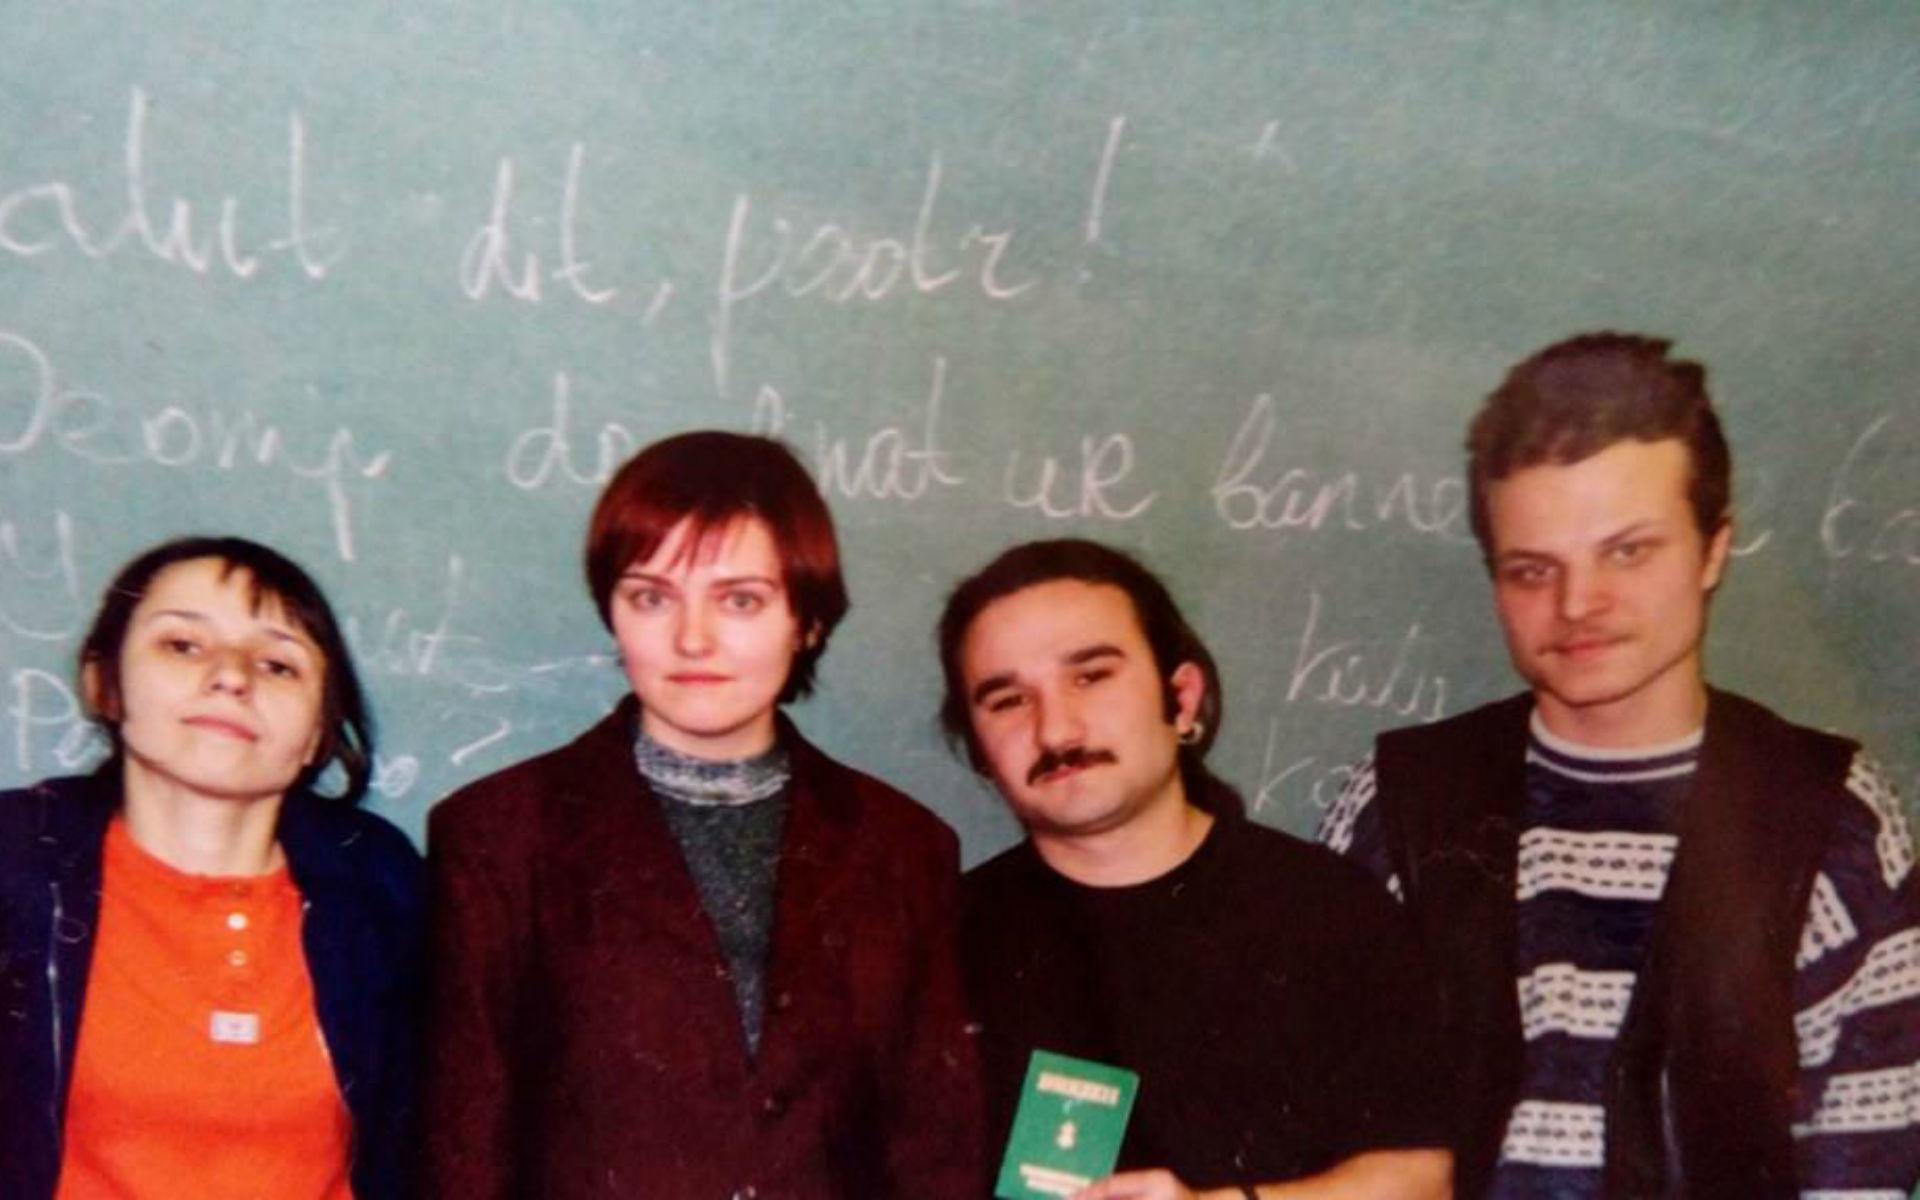 Ioulia (1ère à gauche) et Anna (2ème à gauche) devant le tableau, recouvert d'inscriptions en breton.